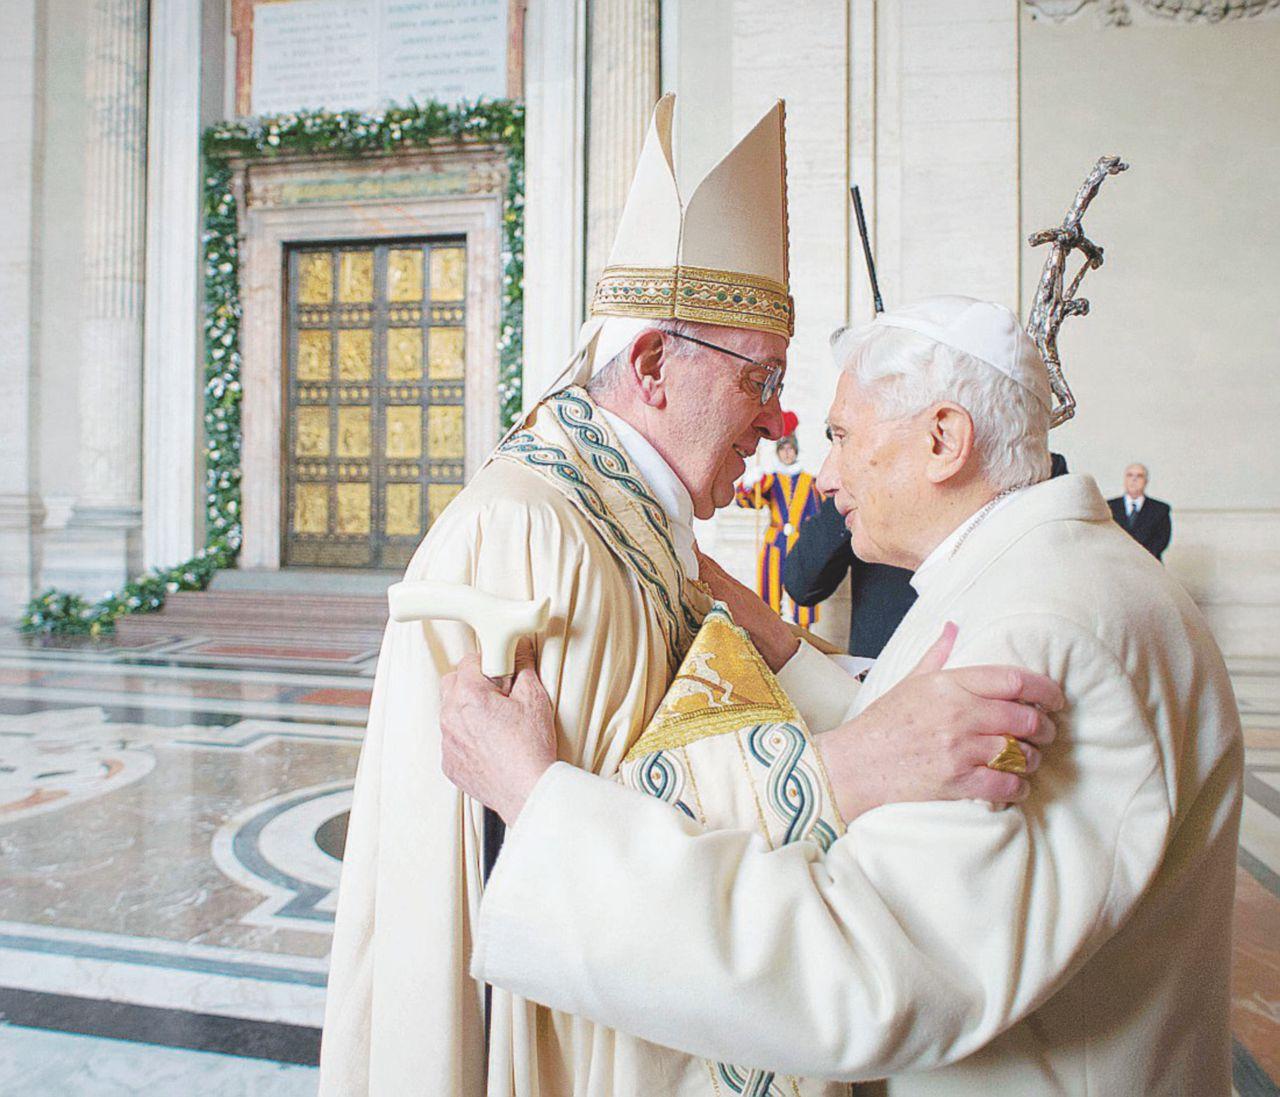 Un evento in tono minore, ma cresce l'influenza del Papa